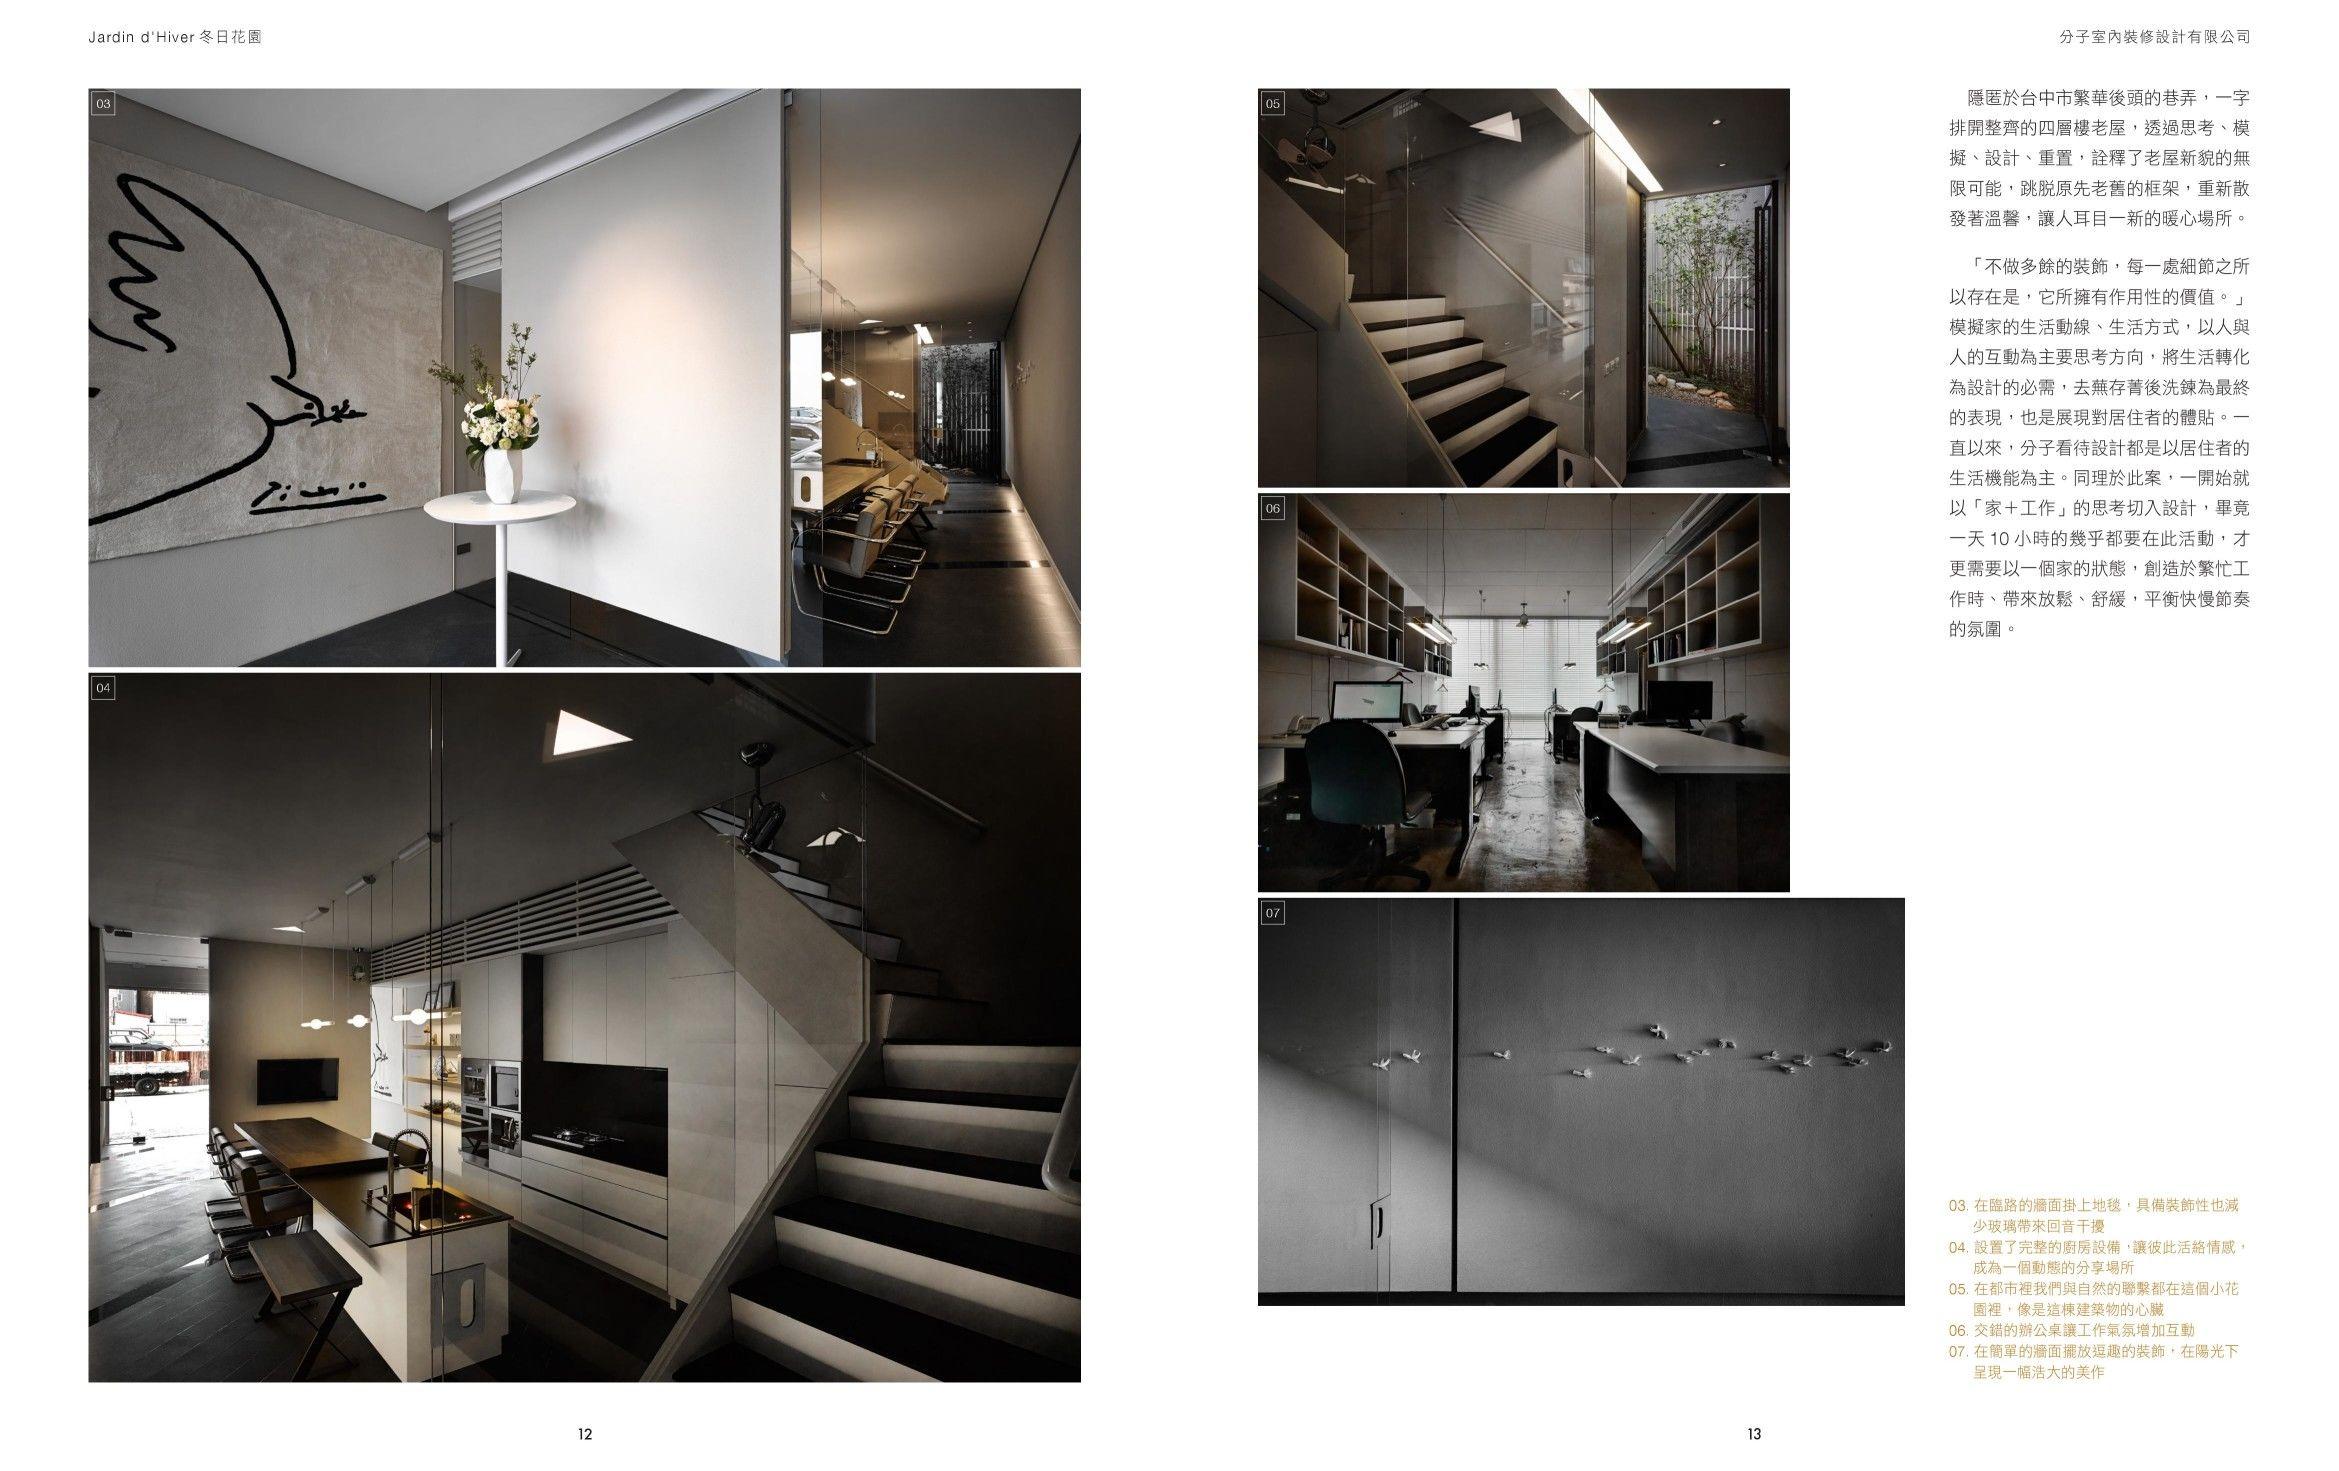 台灣室內設計公司、台中室內設計公司,雜誌報導、商業空間辦公室設計